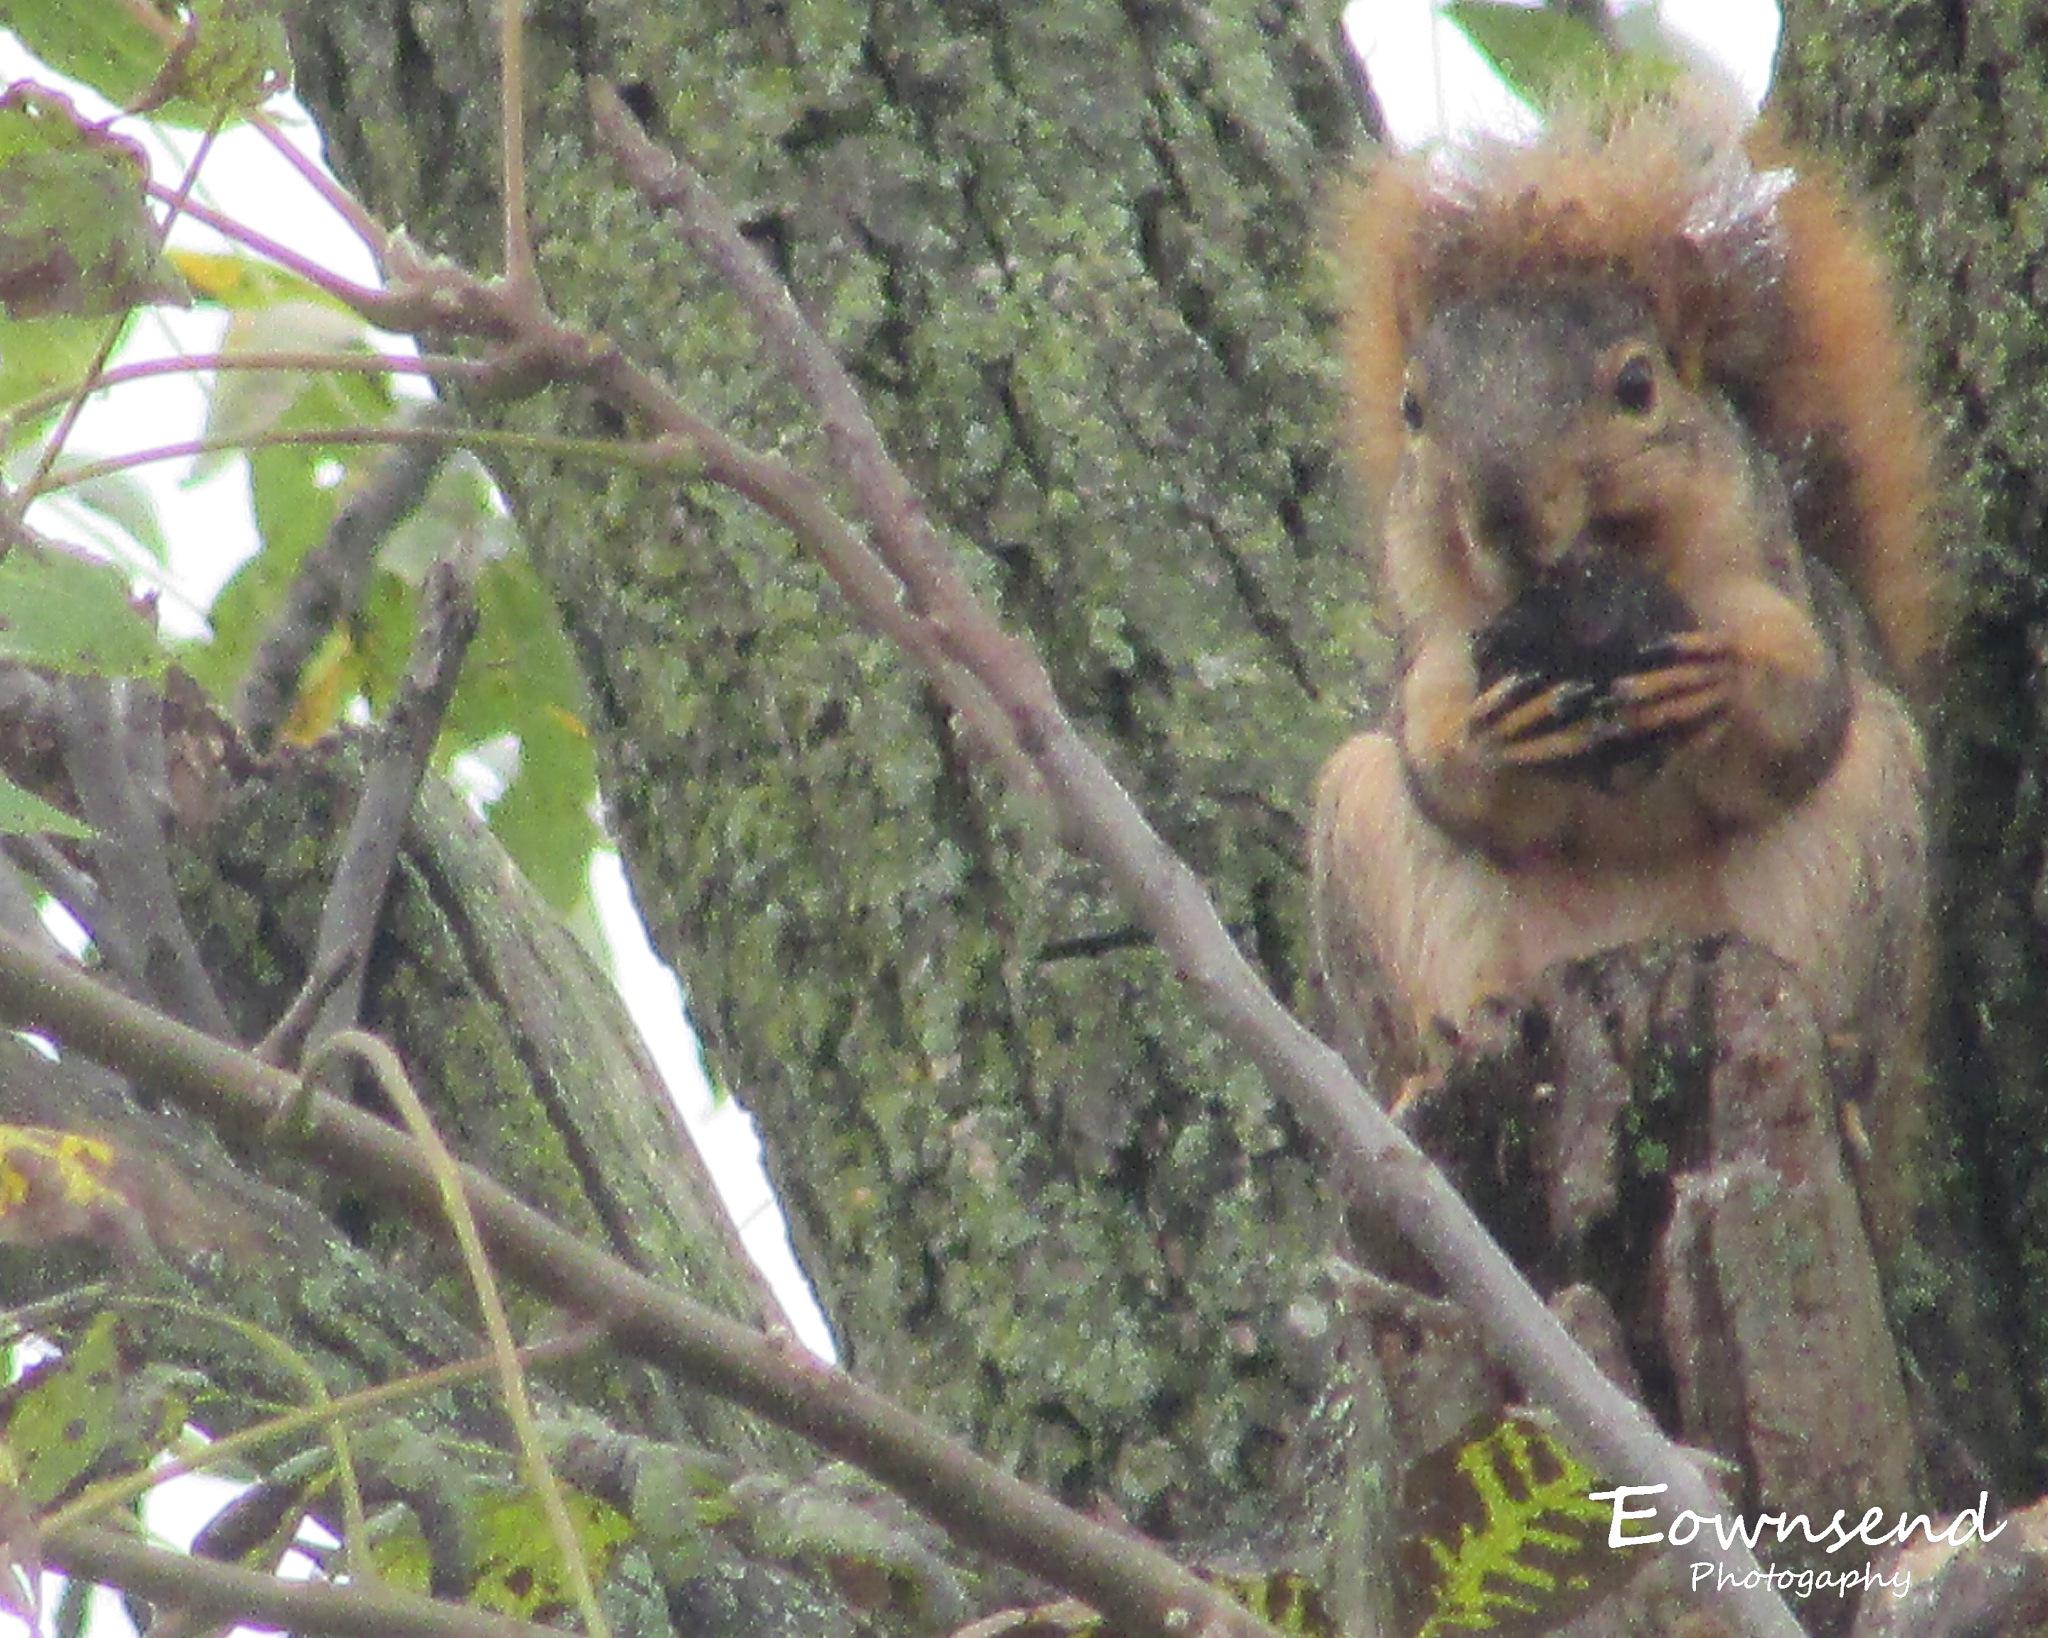 Squirrel by Elizabeth C. Townsend